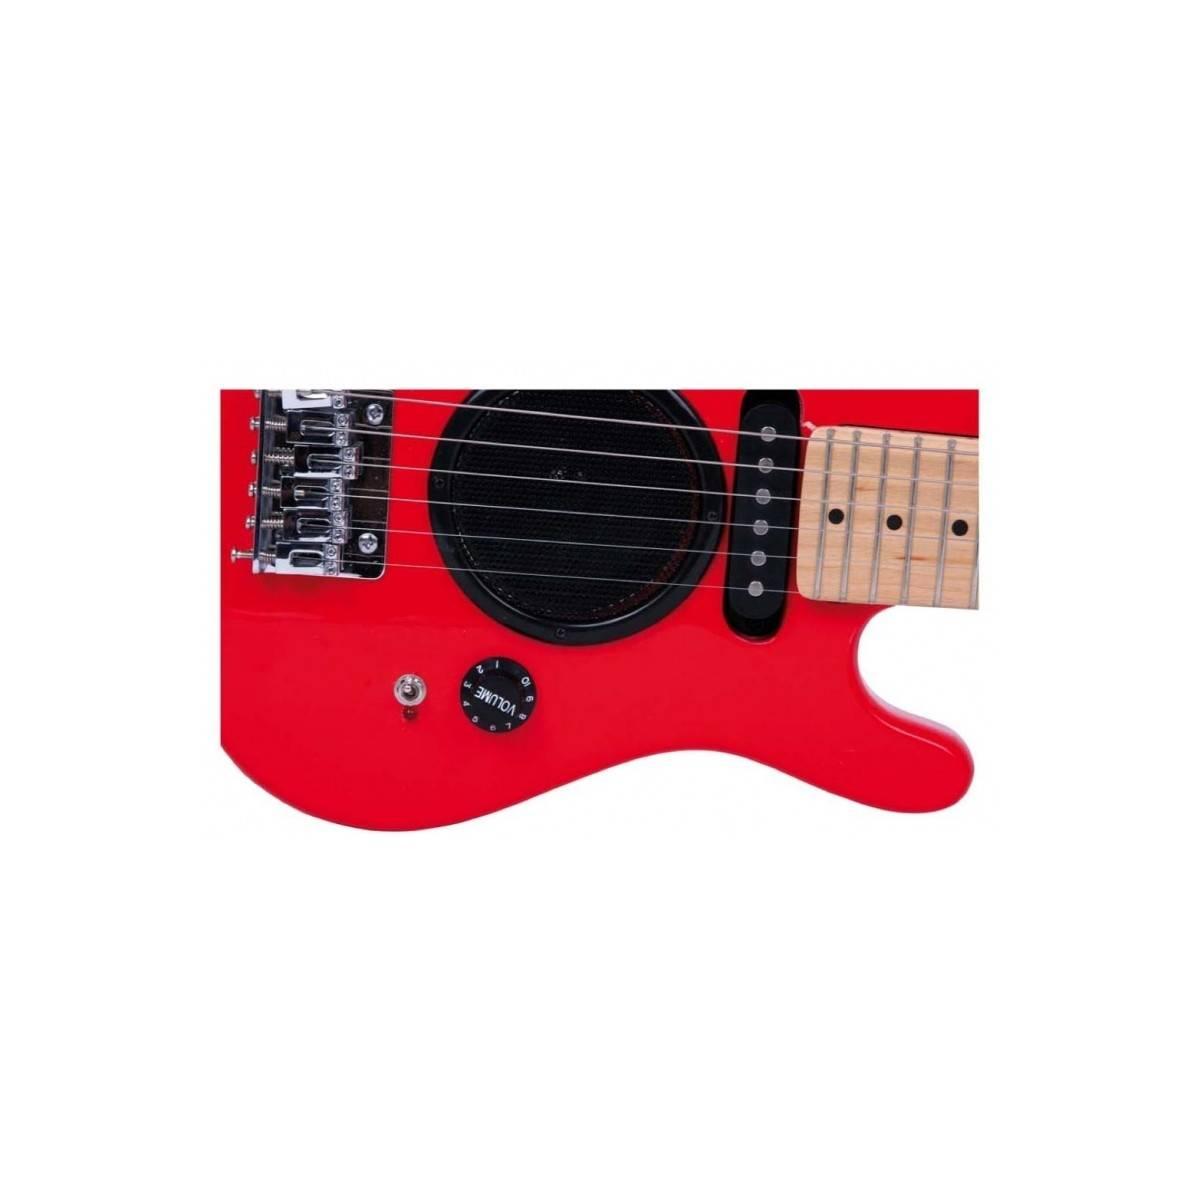 Guitare électrique enfant 1/4 ampli intégré Rouge